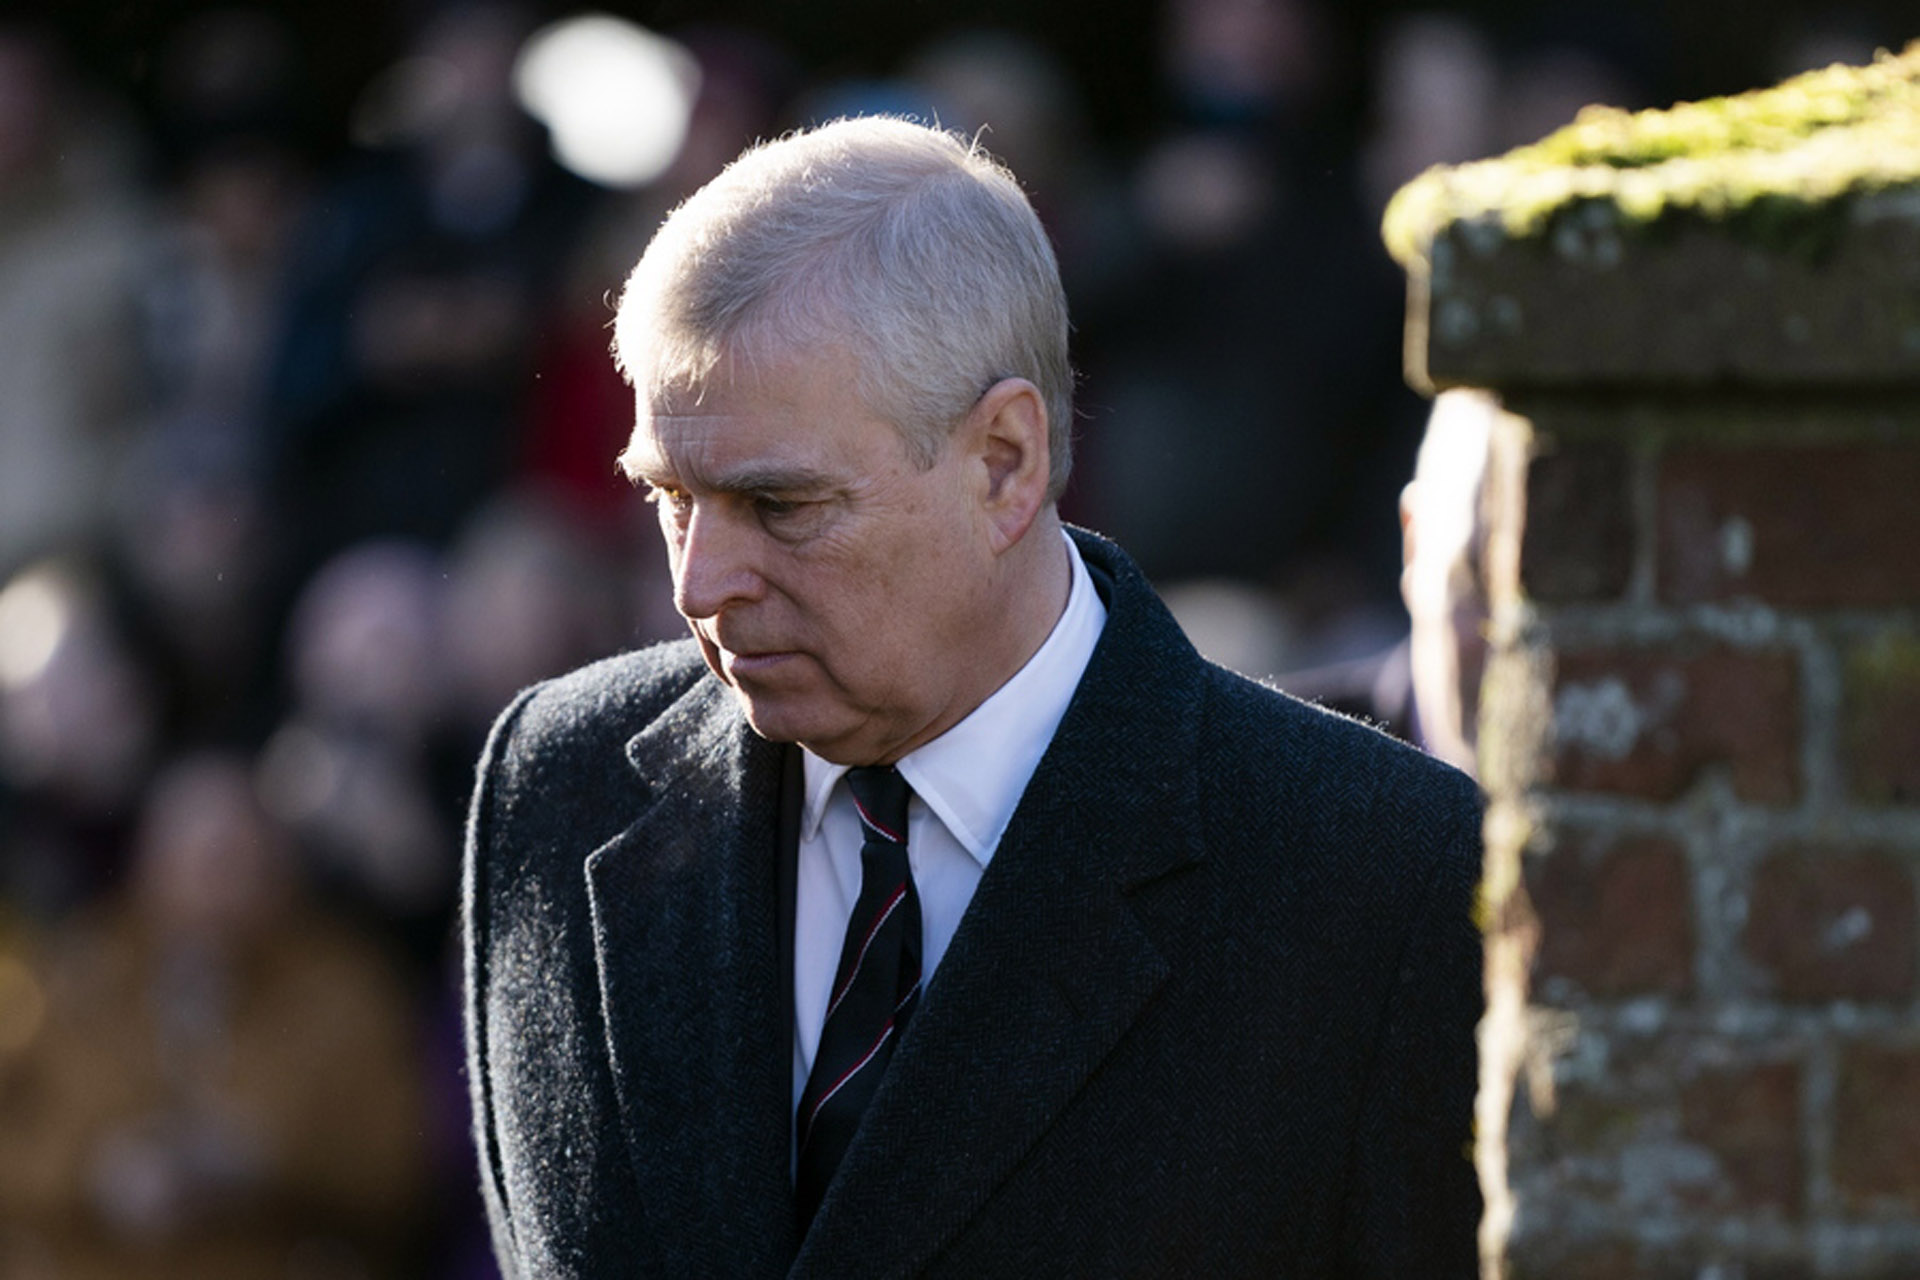 Δέχτηκε να καταθέσει ο πρίγκιπας Αντριου για τον θάνατο του Τζέφρι Επστάιν